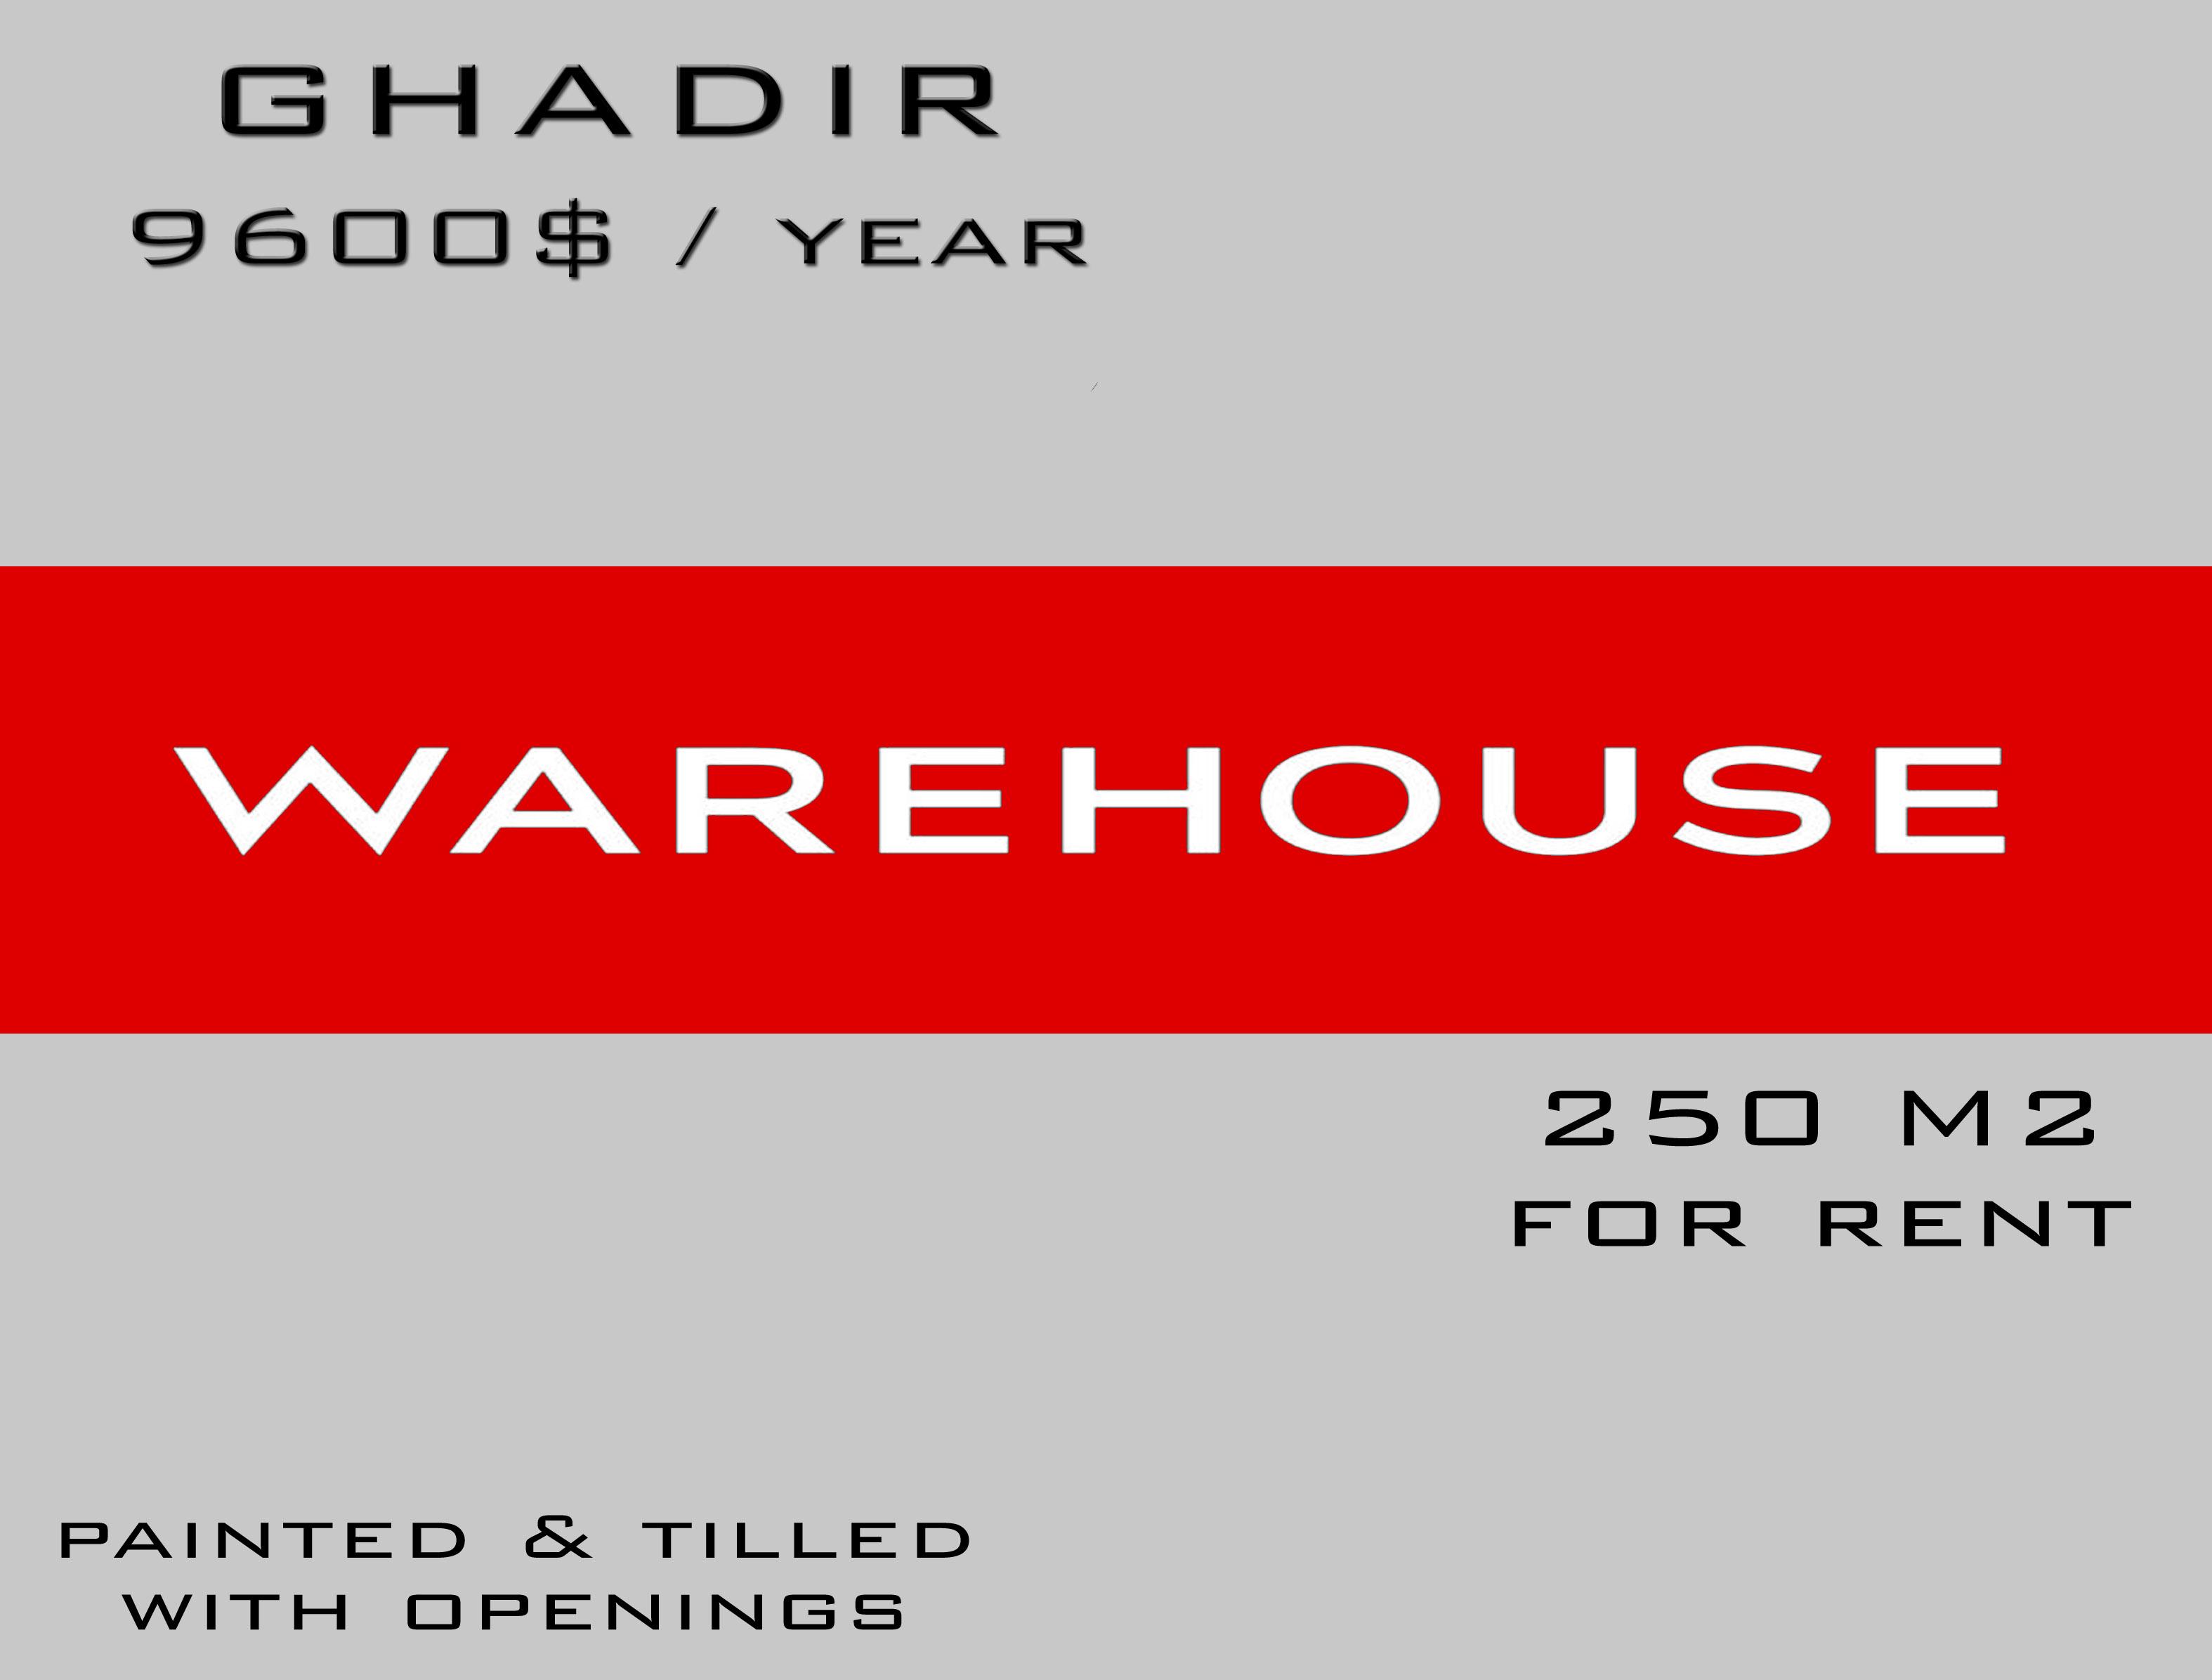 Warehouse for rent in keserwan lebanon - Real estate in lebanon - Buy and sell properties in lebanon